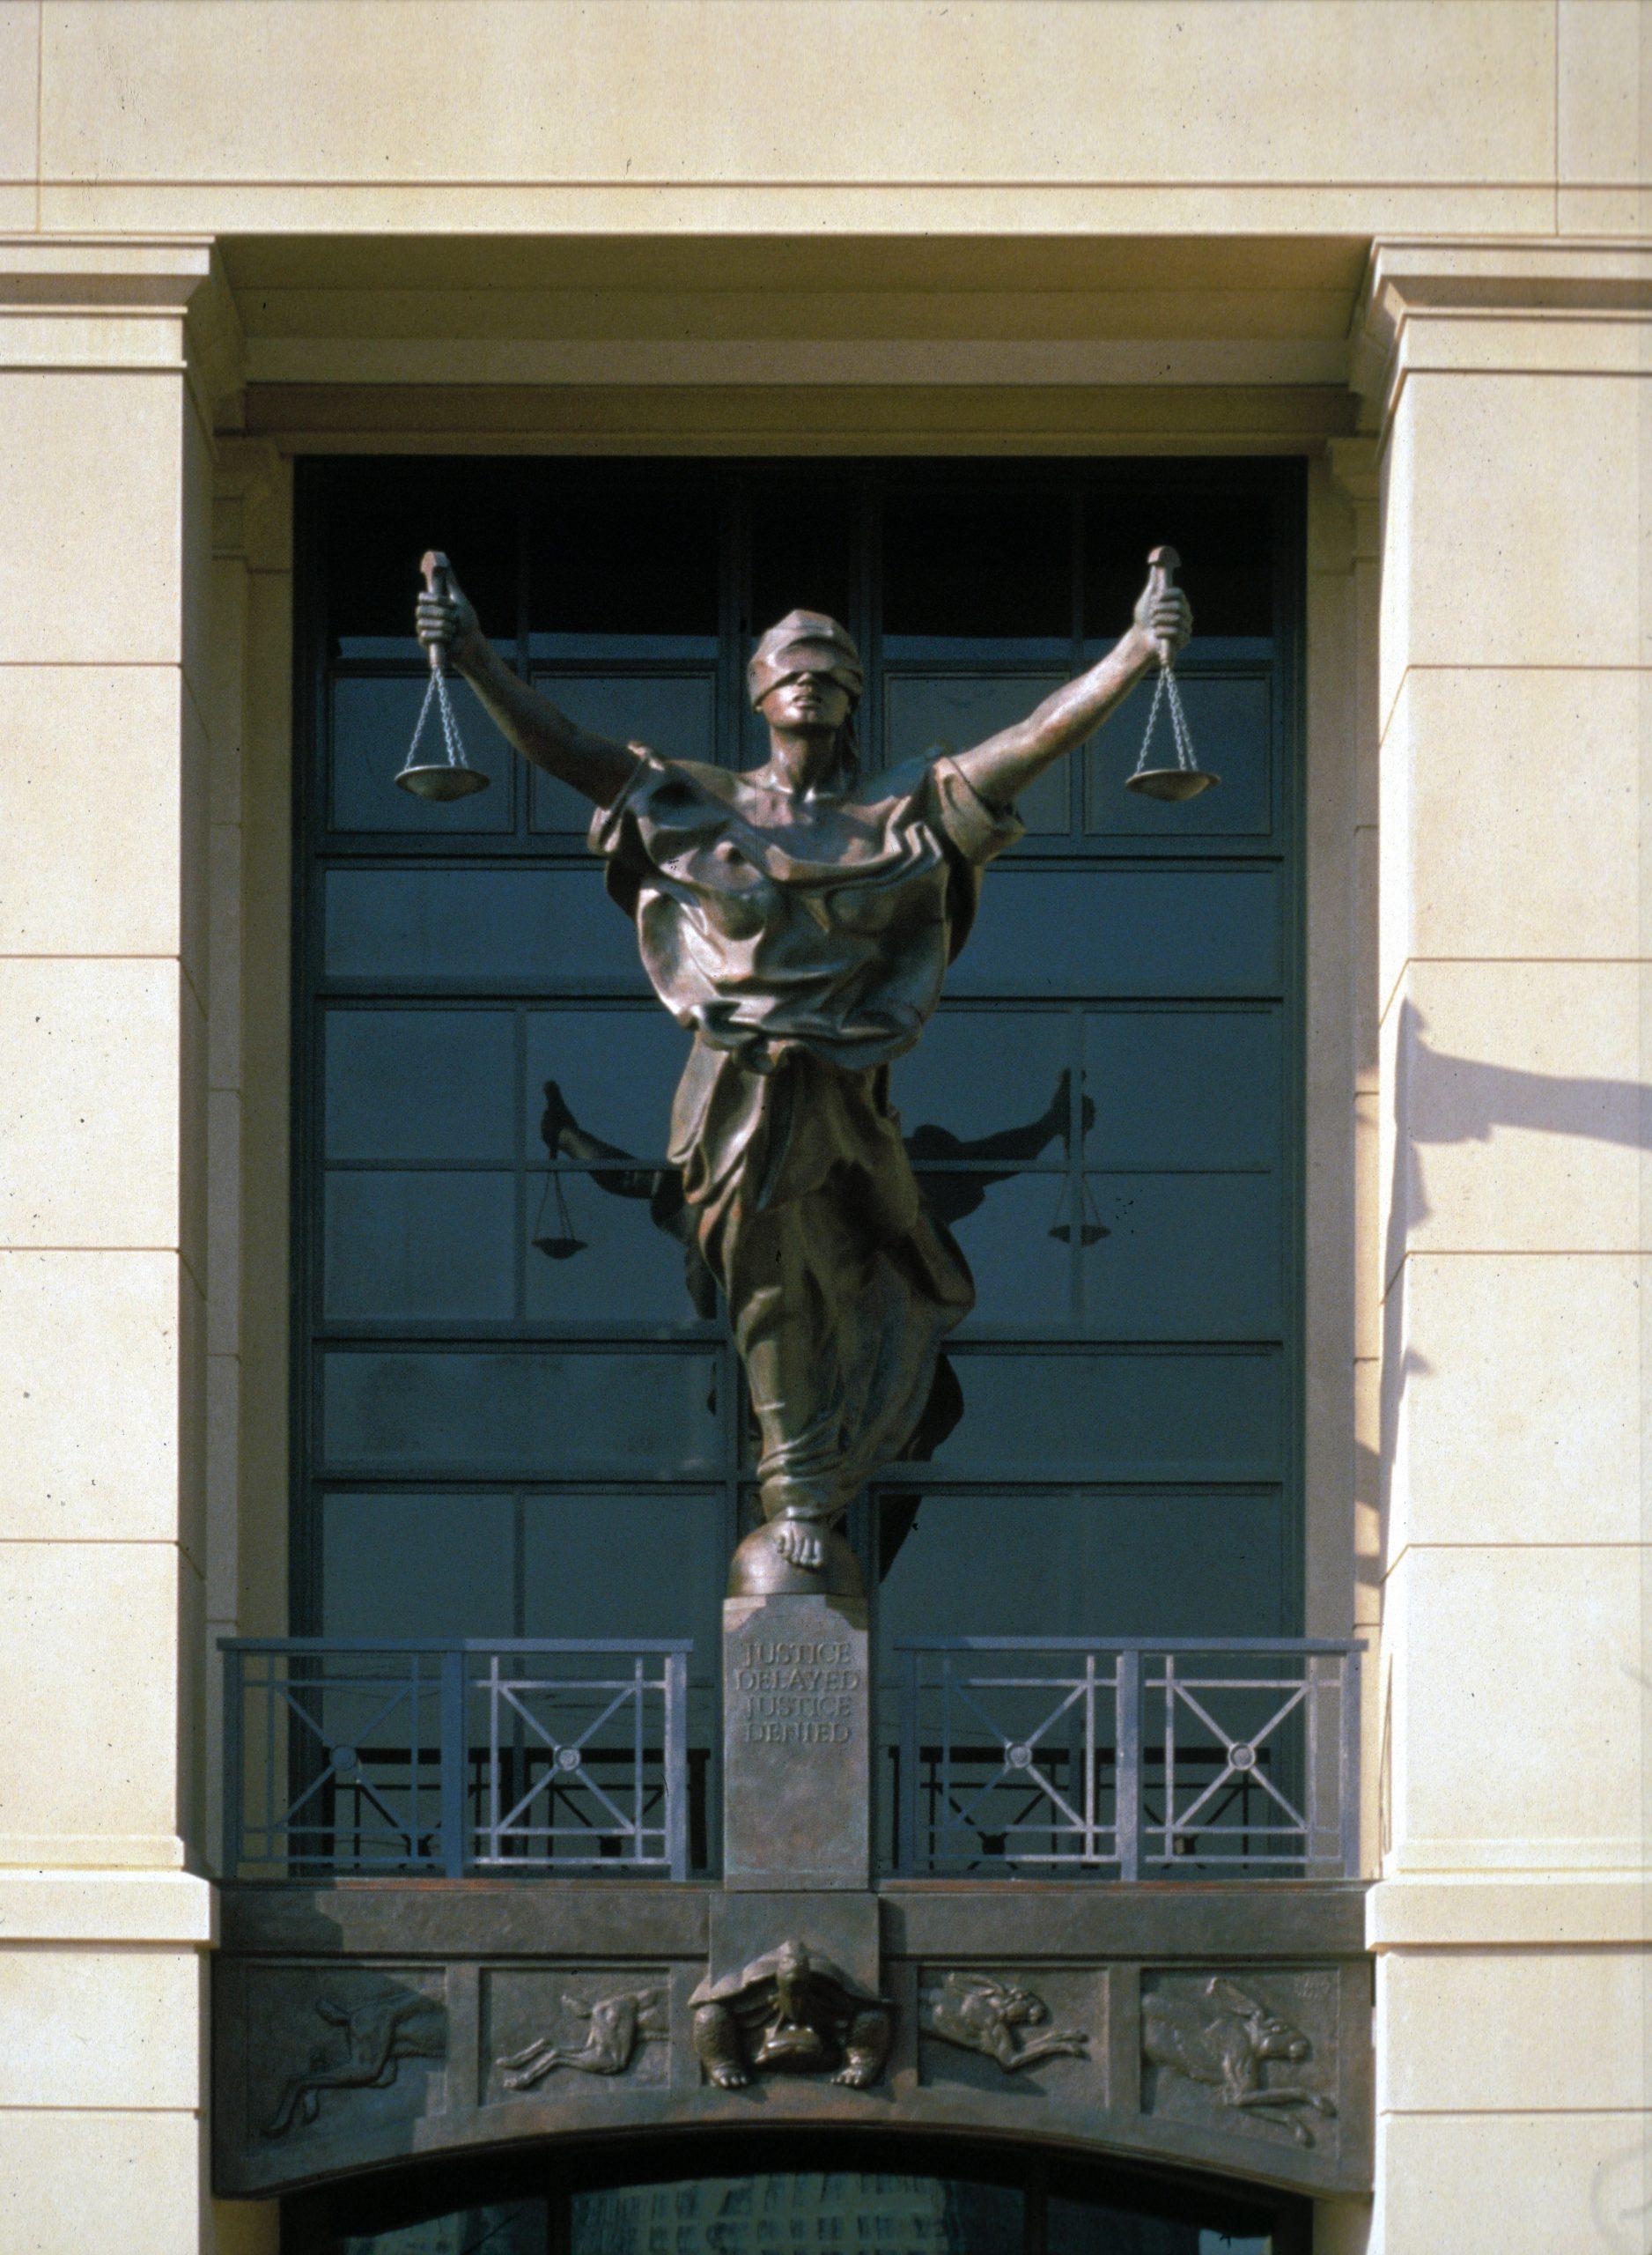 Justice Delayed, Justice Denied